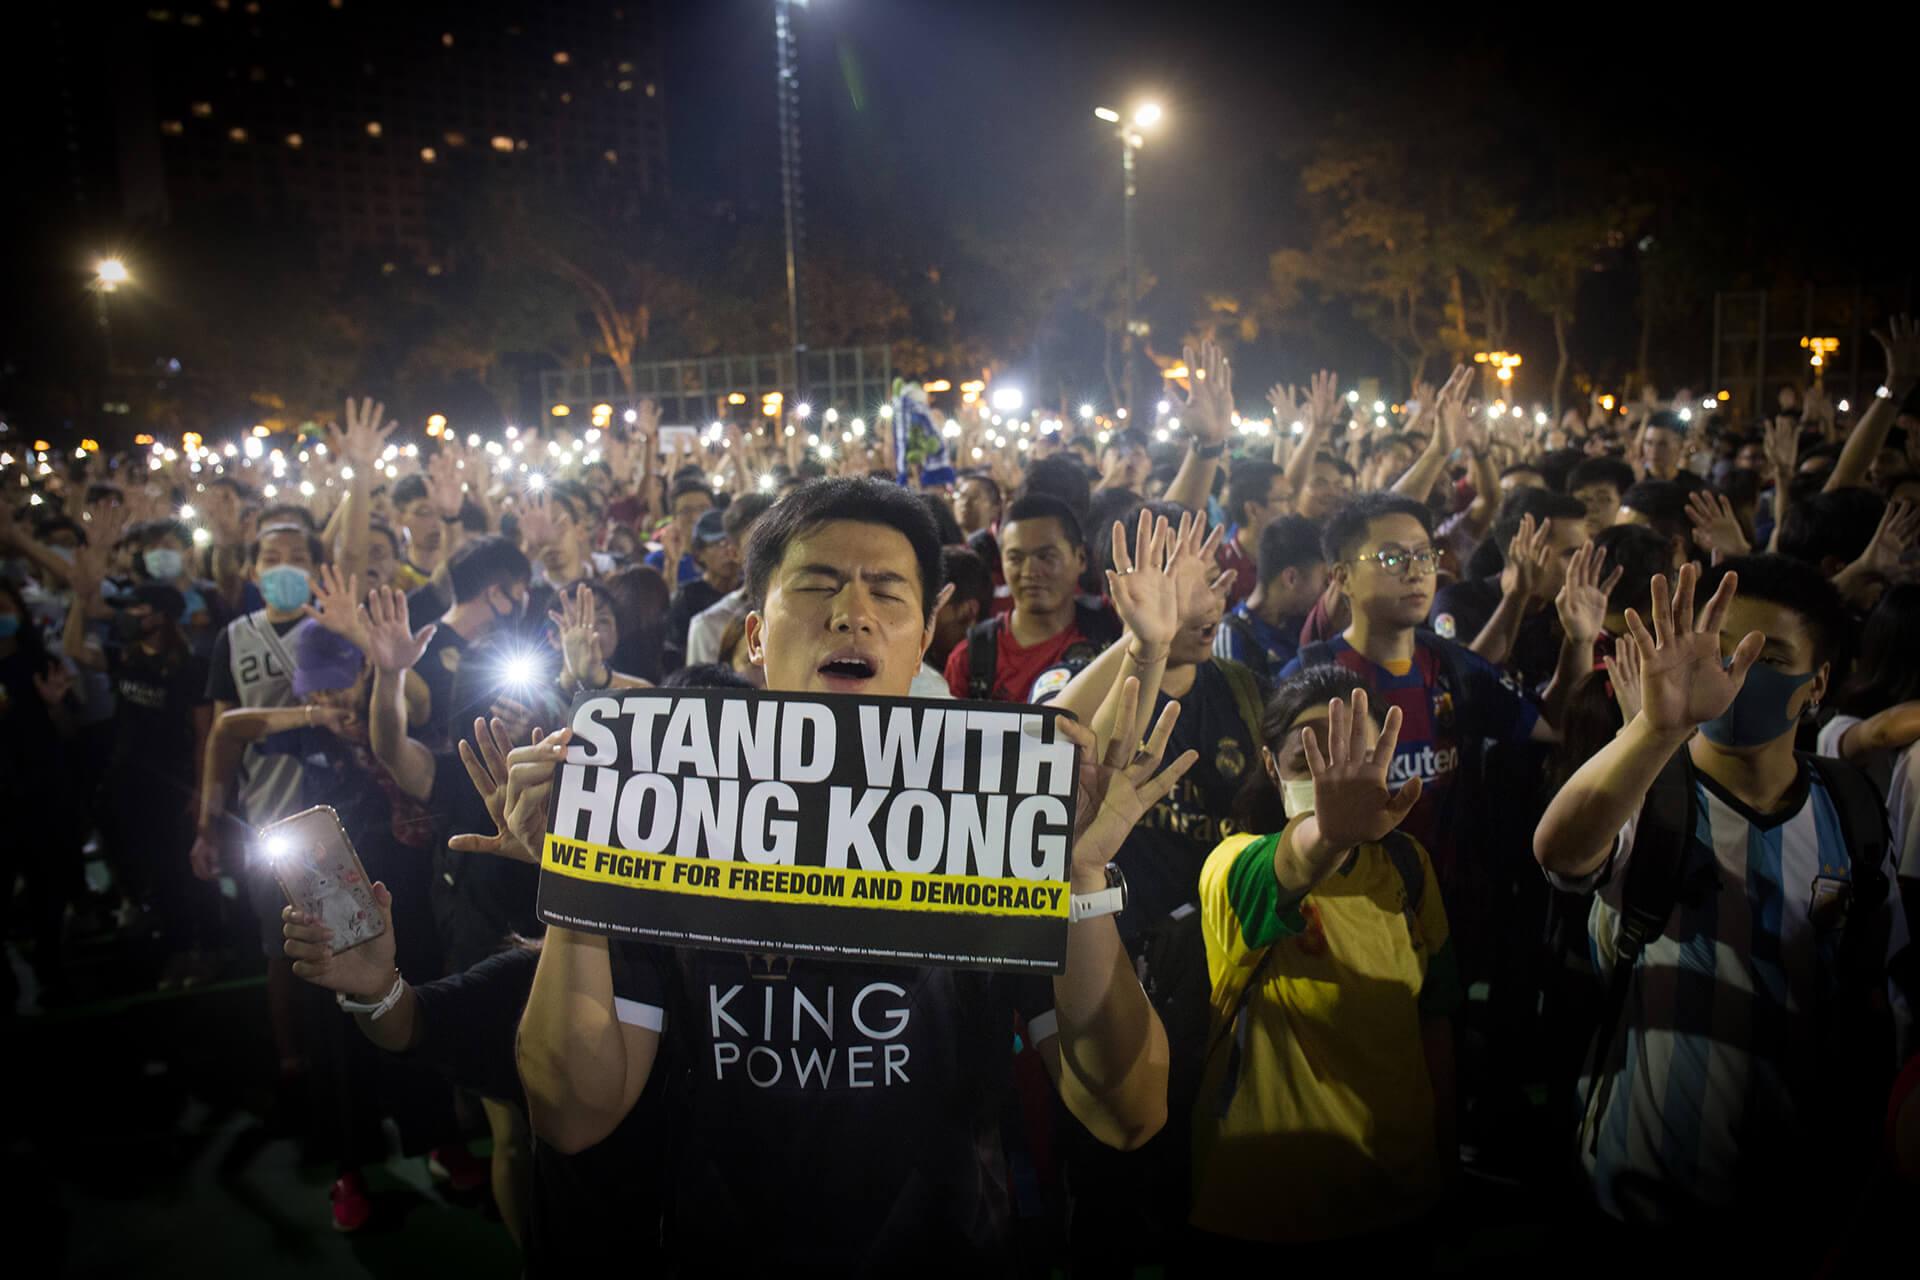 9月18日晚,一羣球迷在維園高唱《願榮光歸香港》、《黃金入球》等歌曲。